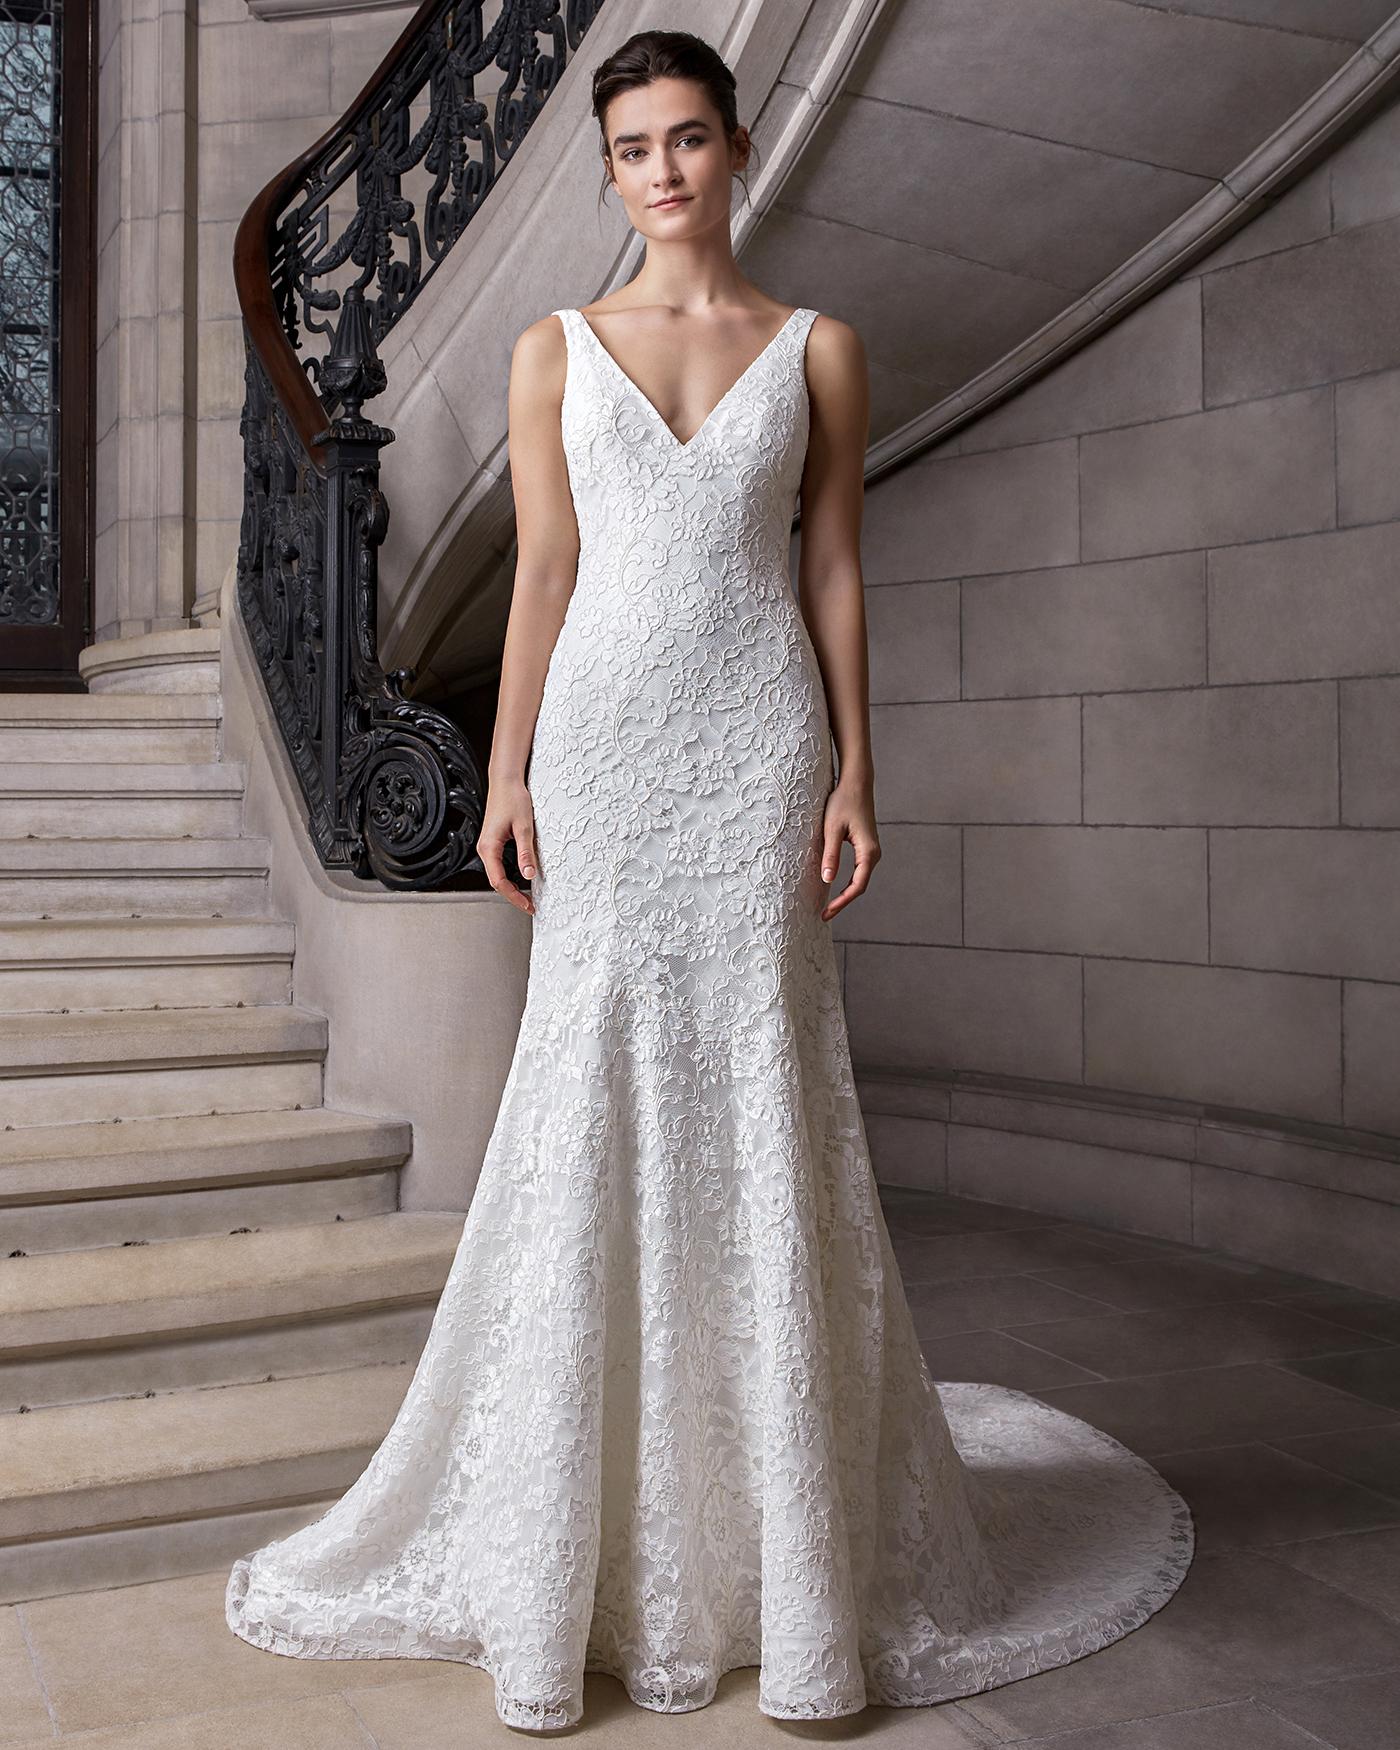 sareh nouri v-neck floral applique wedding dress spring 2020